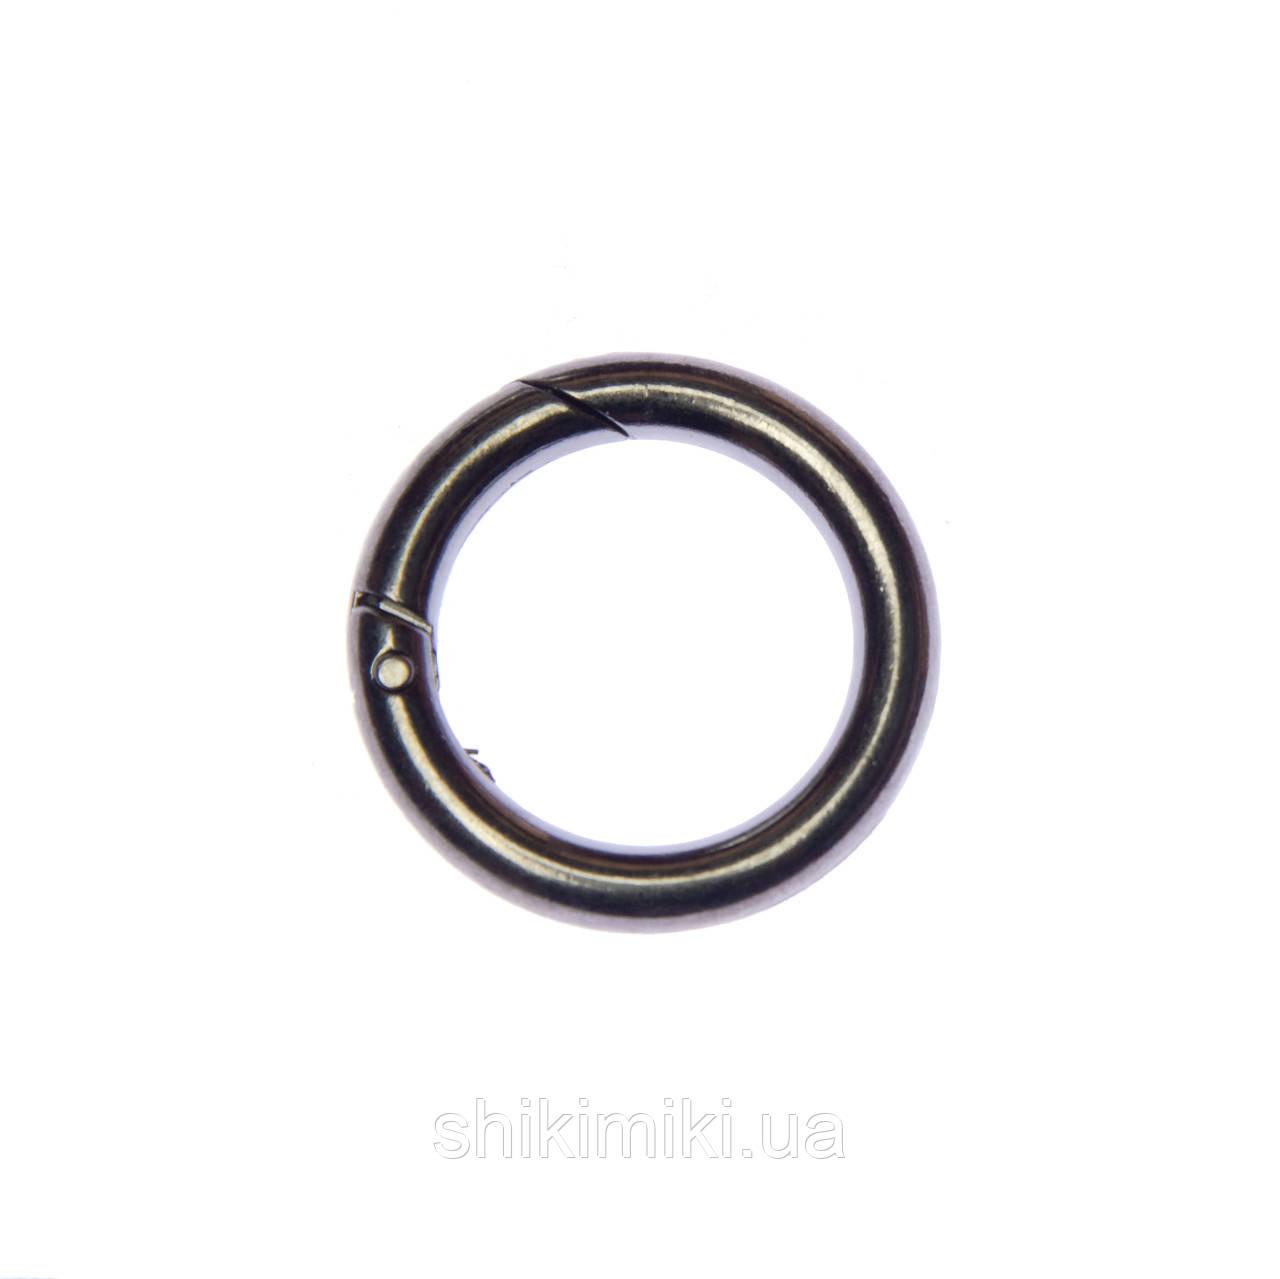 Кольцо-карабин KK02-2 (28 мм), цвет темный никель